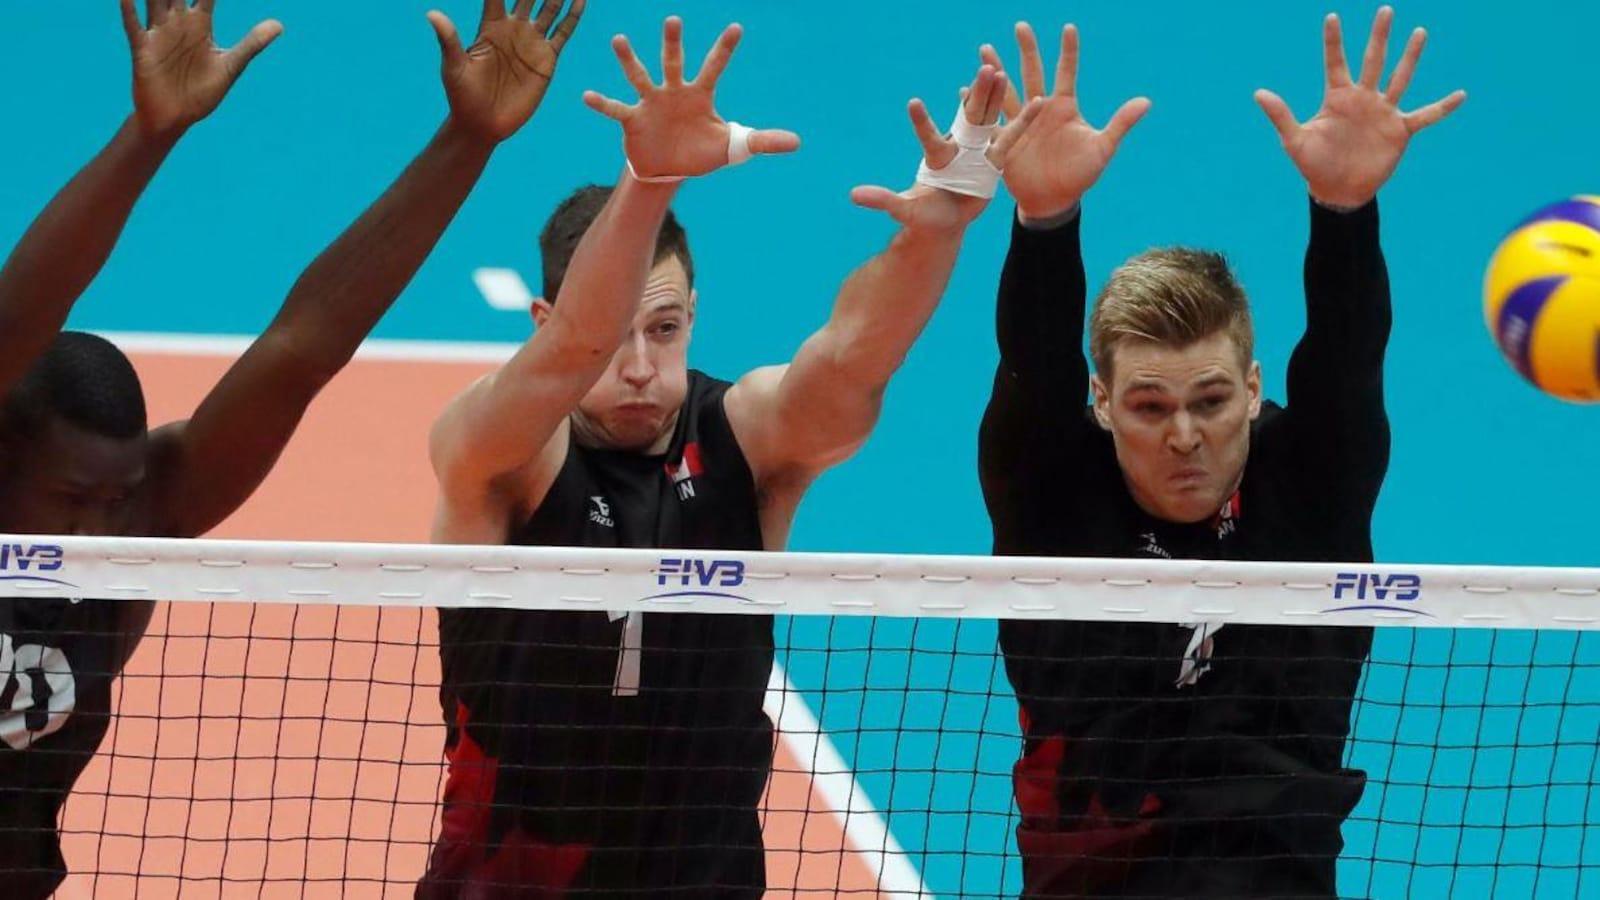 L'équipe canadienne de volleyball est toujours invaincue au Championnat du monde